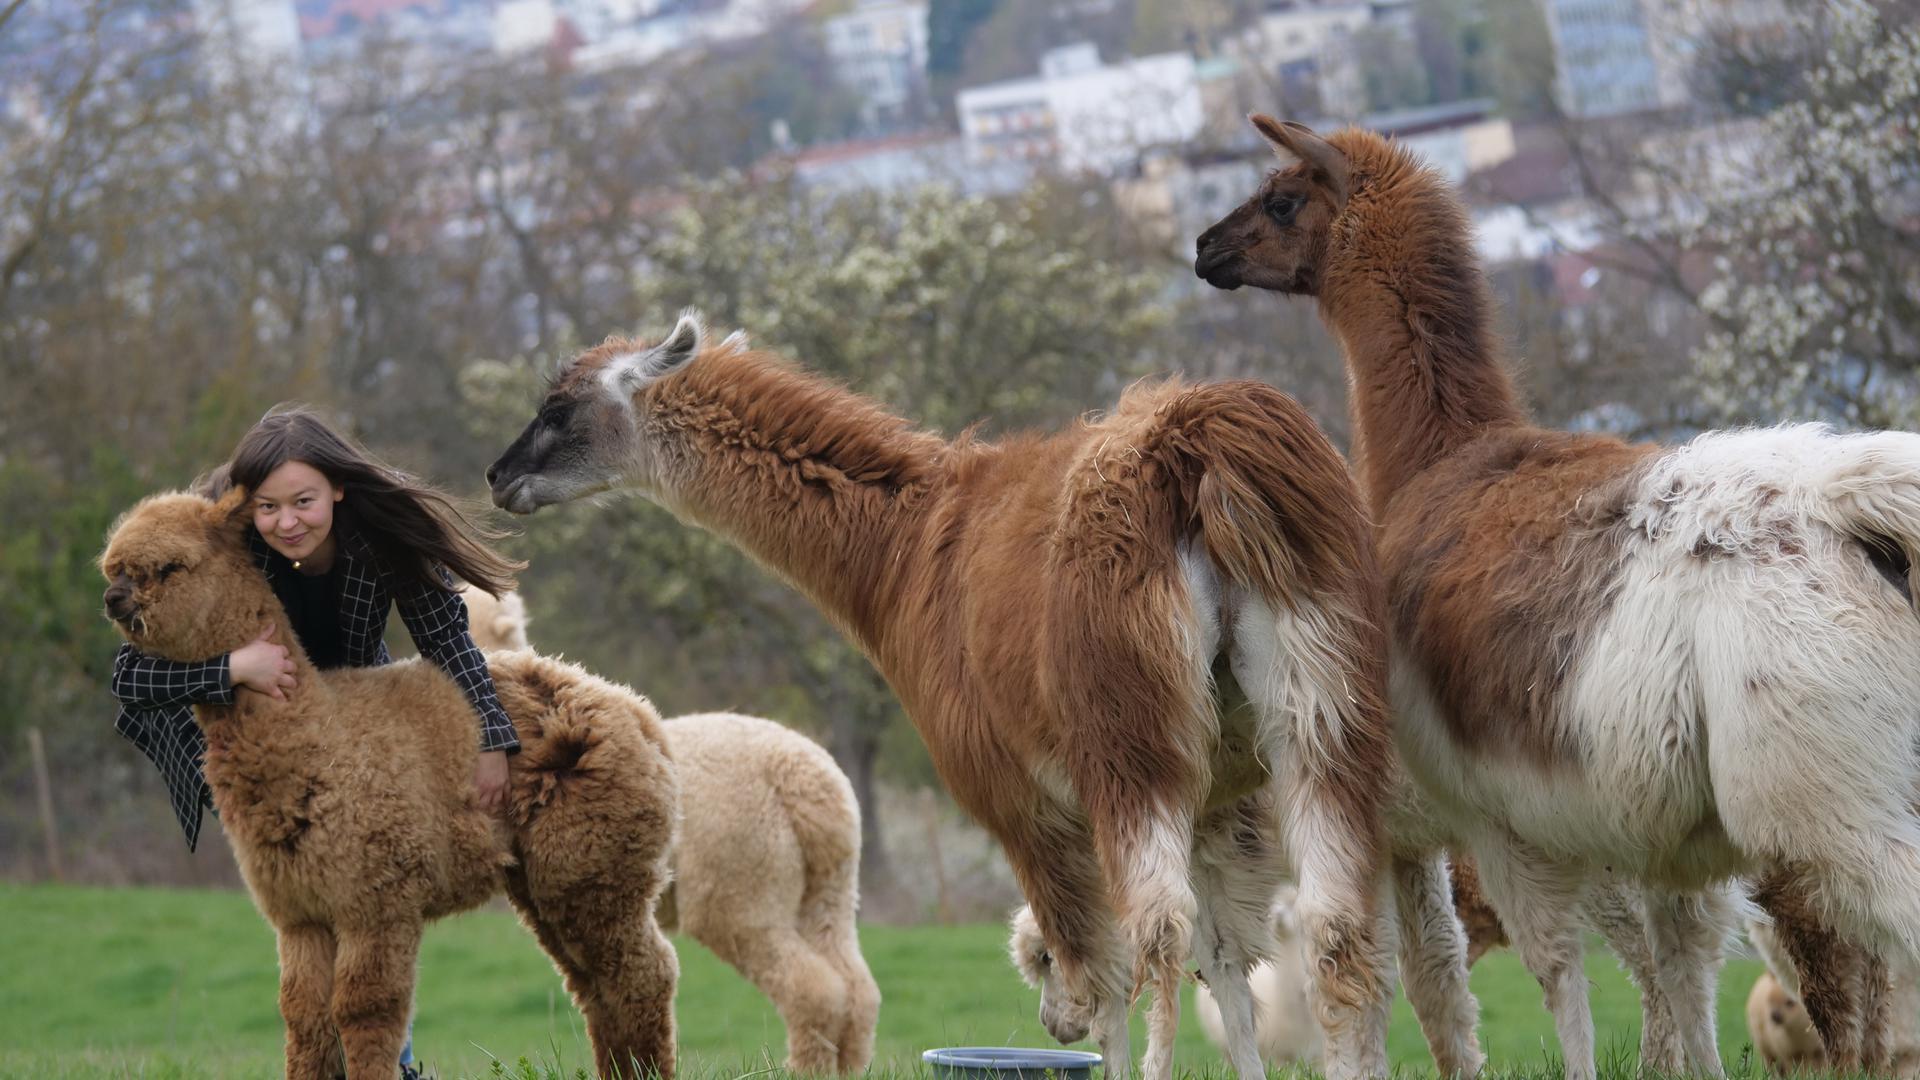 Sandra Baral und die Alpakas freuen sich schon darauf, wenn Wanderungen in größeren Gruppen ohne Corona-Sorgen wieder möglich sind